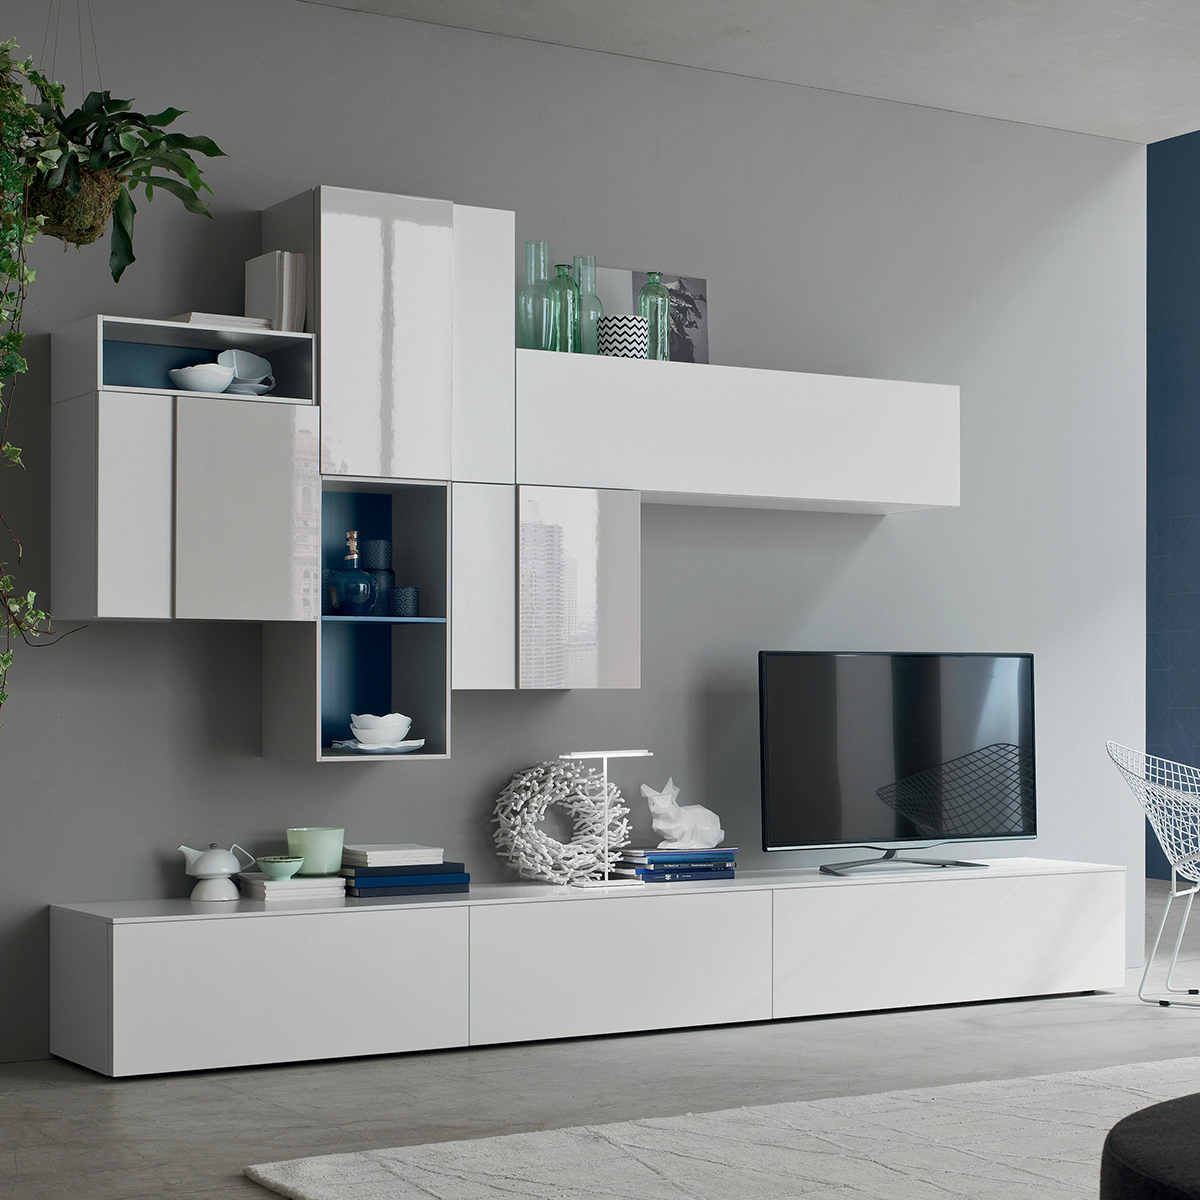 Seta sa1560 mobile soggiorno moderno componibile l 299 4 - Mobile soggiorno moderno ...